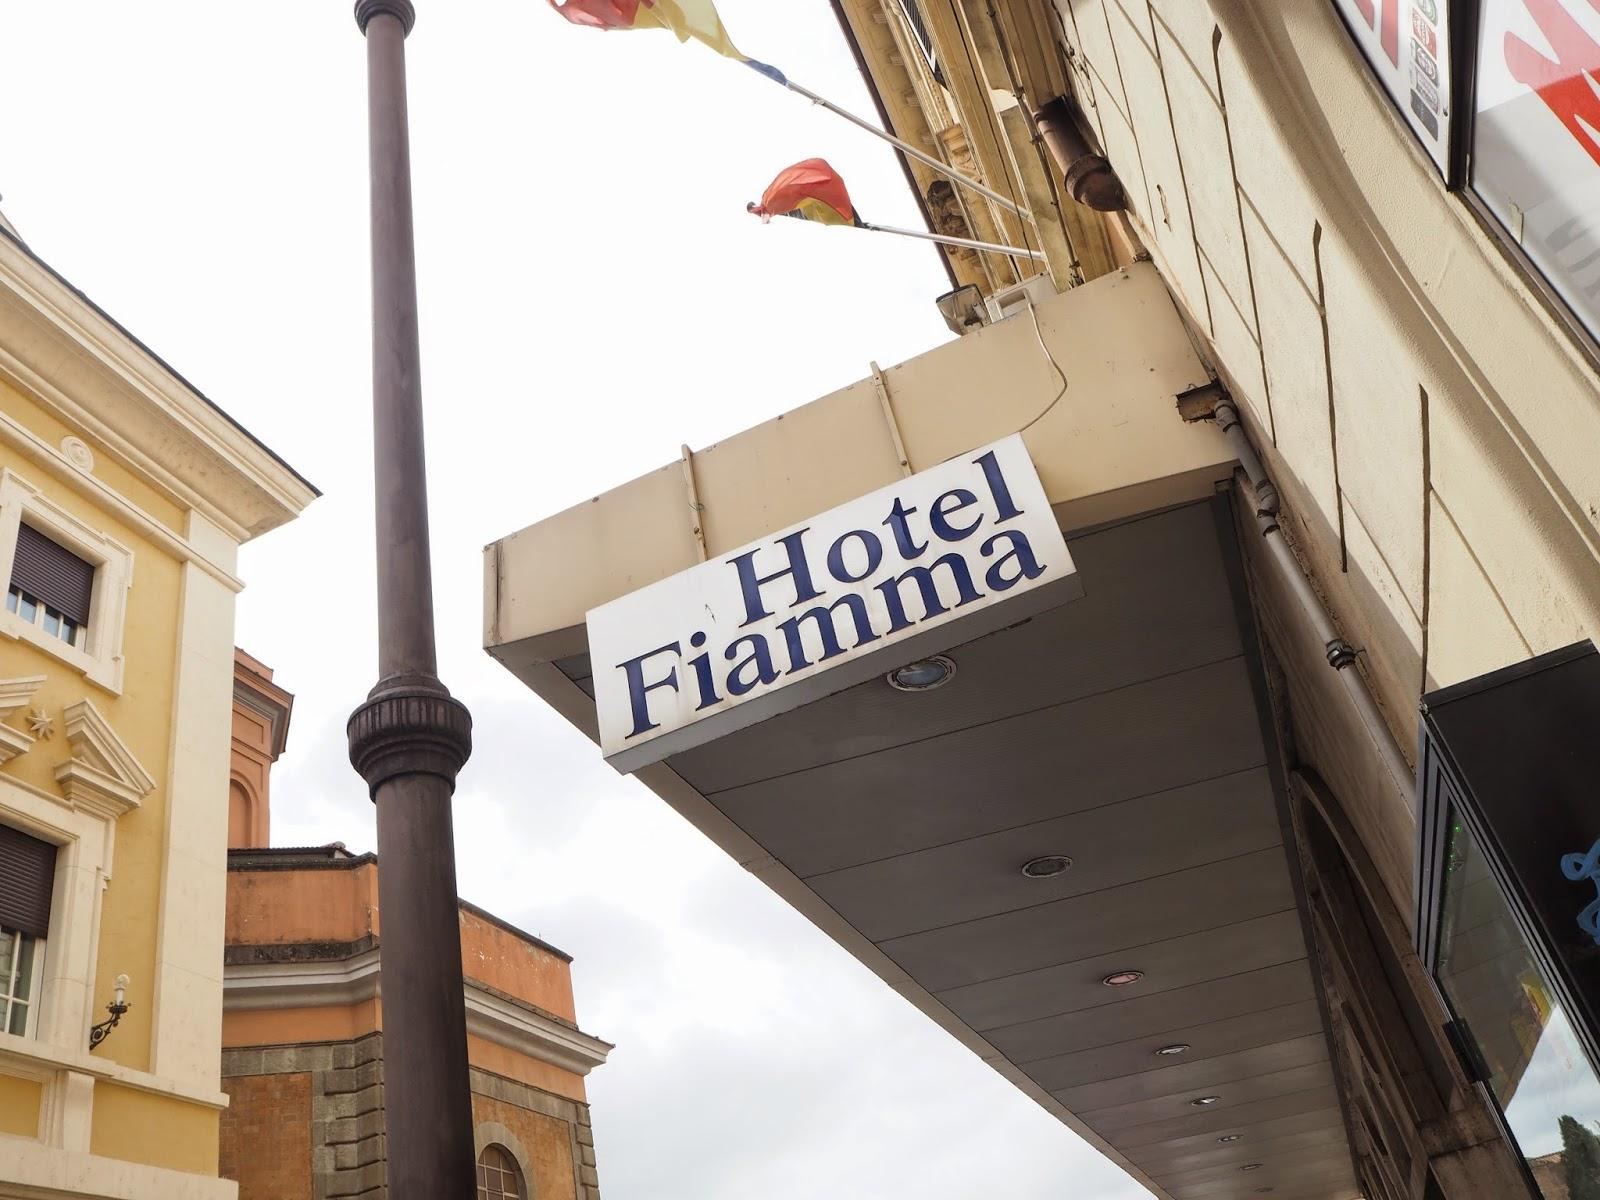 hotelli, rooma, italia, matkustus, yksin, matkustaa, matkabloggari, matkabloggaaja, hotel, rome, roma, italy, termini, fiamma, via gaeta, travelling, holiday, travelling alone, yksin matkustus, travels, matkustaminen, ulkomailla, kokemuksia, hotellit, vinkit, fiamma hotel, fiamma hotelli,